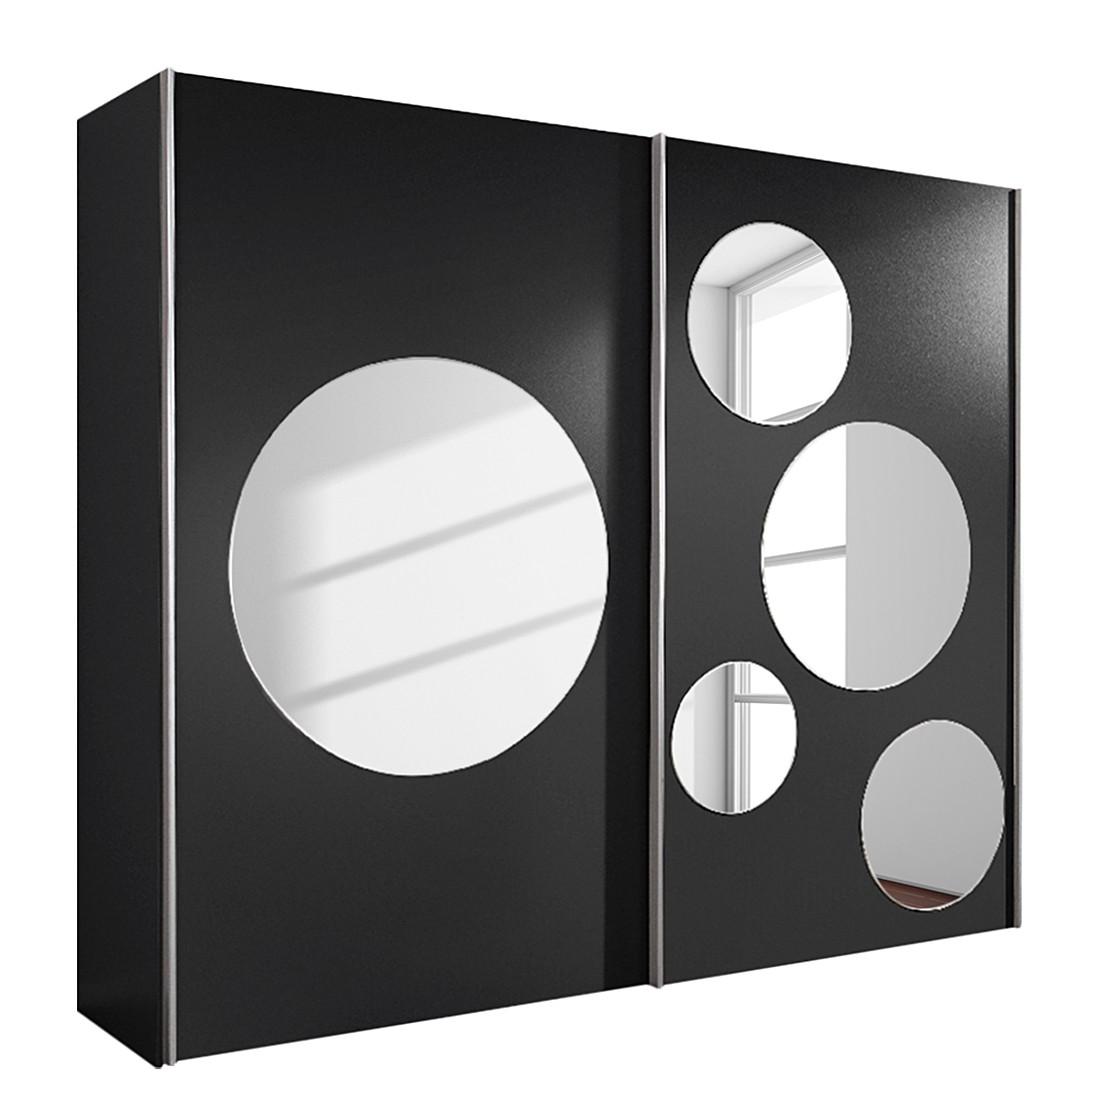 Armoire à portes coulissantes Poly - Noir avec 5 miroirs ronds - Largeur d'armoire : 236 cm, Bellinz